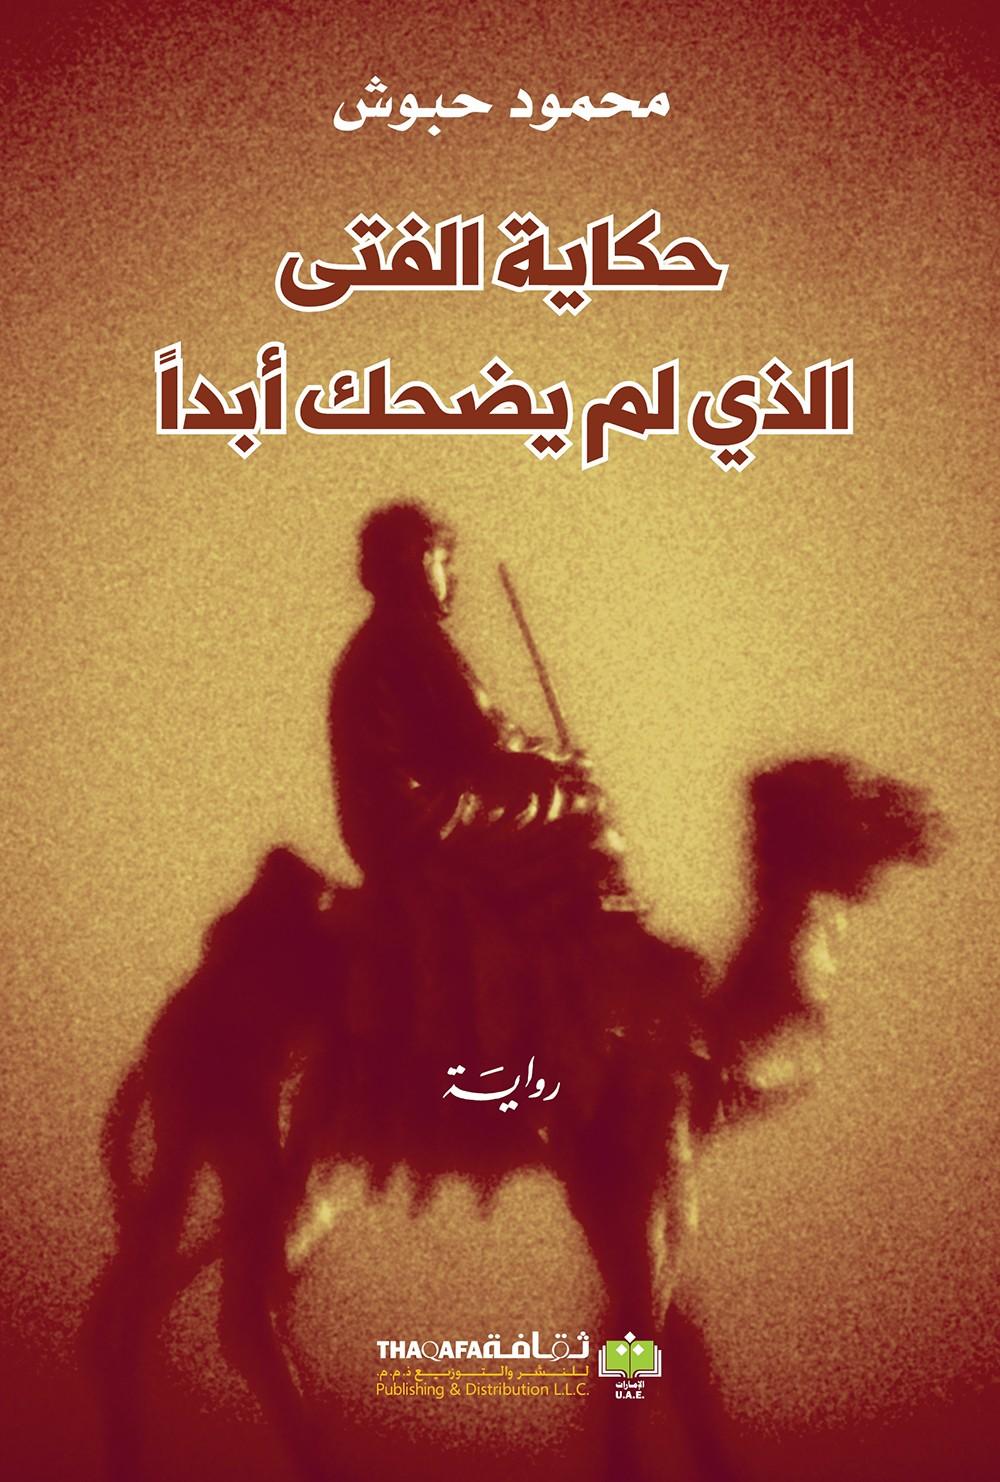 في روايته الأولى يخلق محمود حبوش شخصية جديدة لإنسان شديد العقلانية